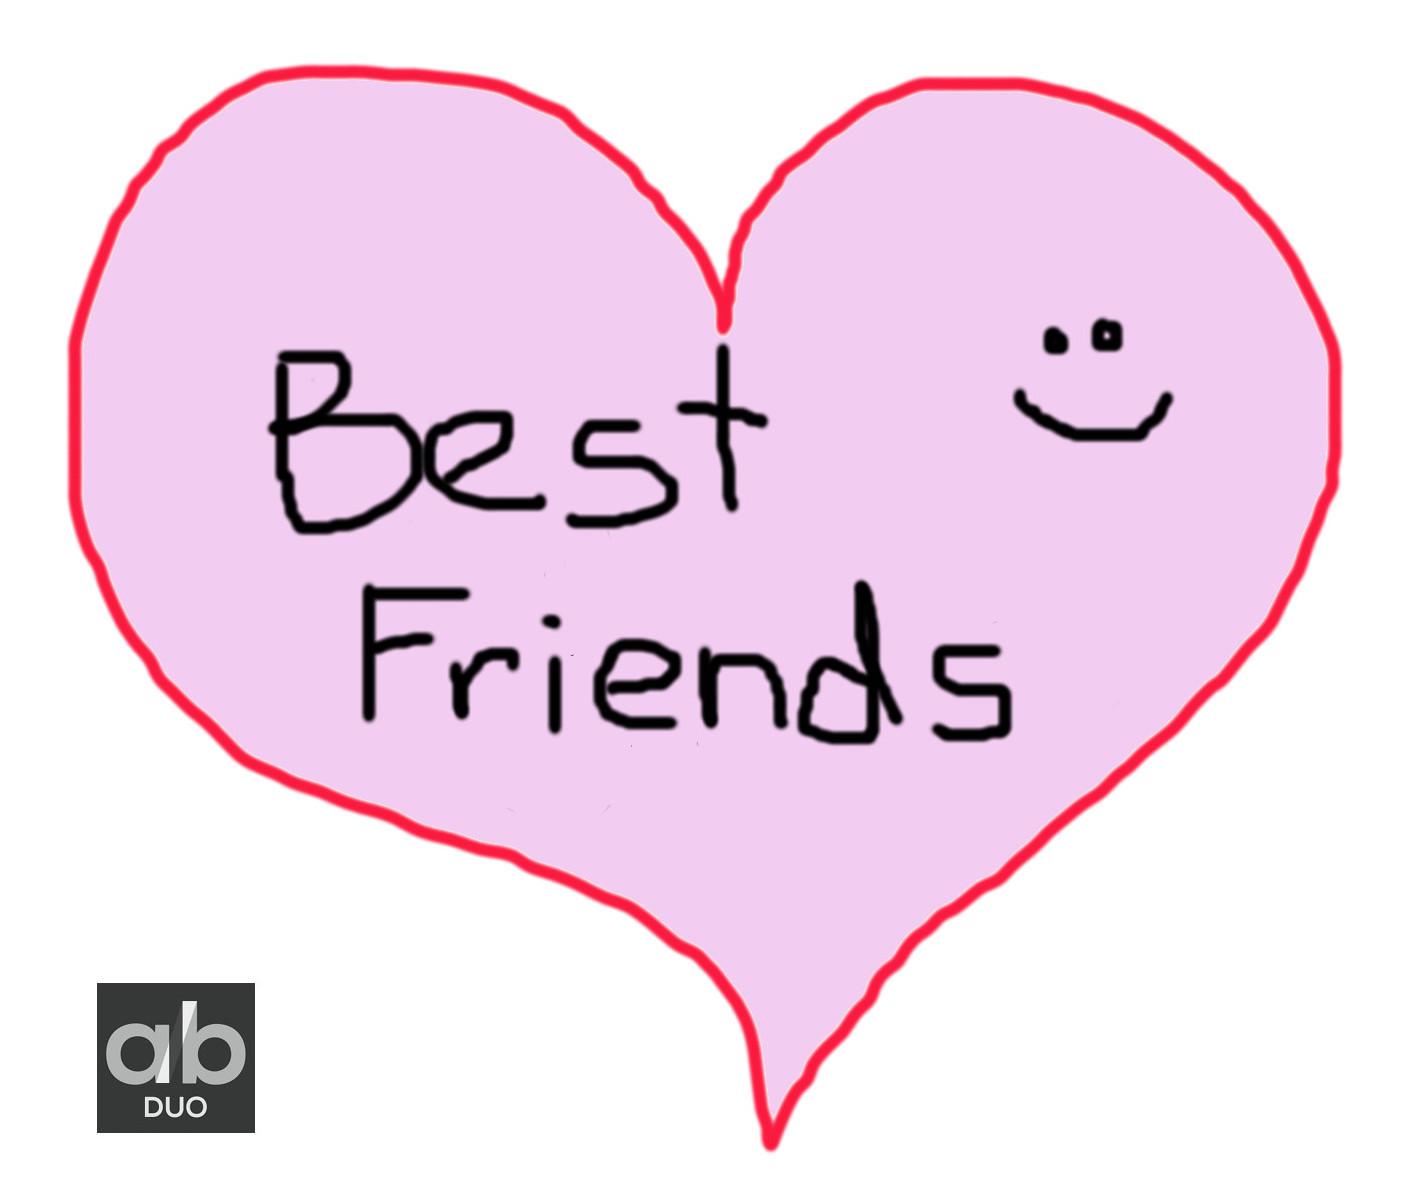 BestFriends-web.jpg